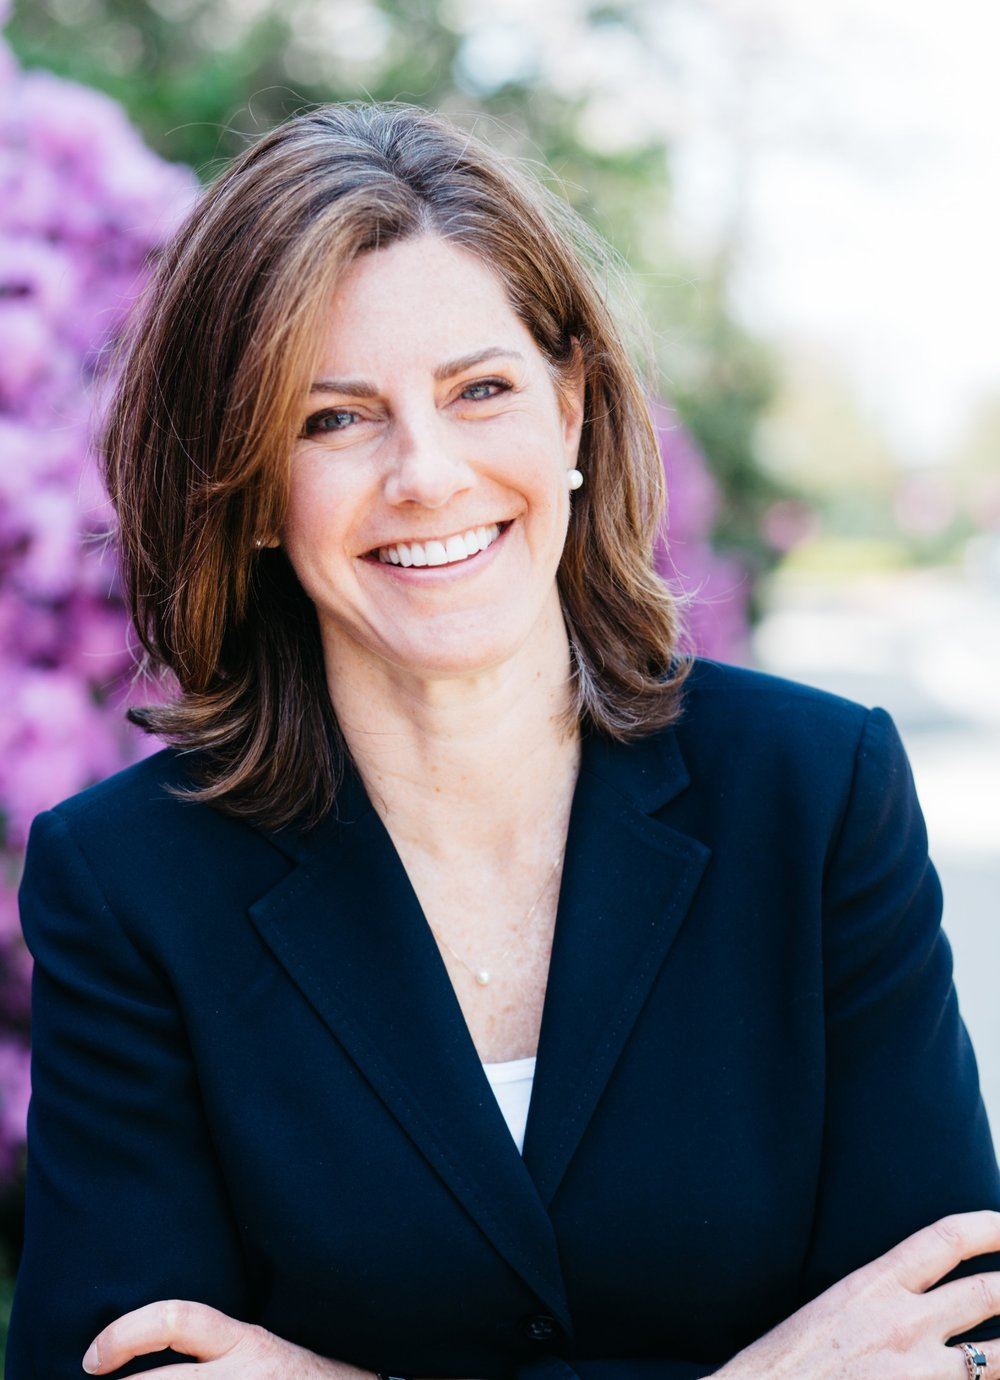 Sarah Rabasco Portrait-7223-2.jpg